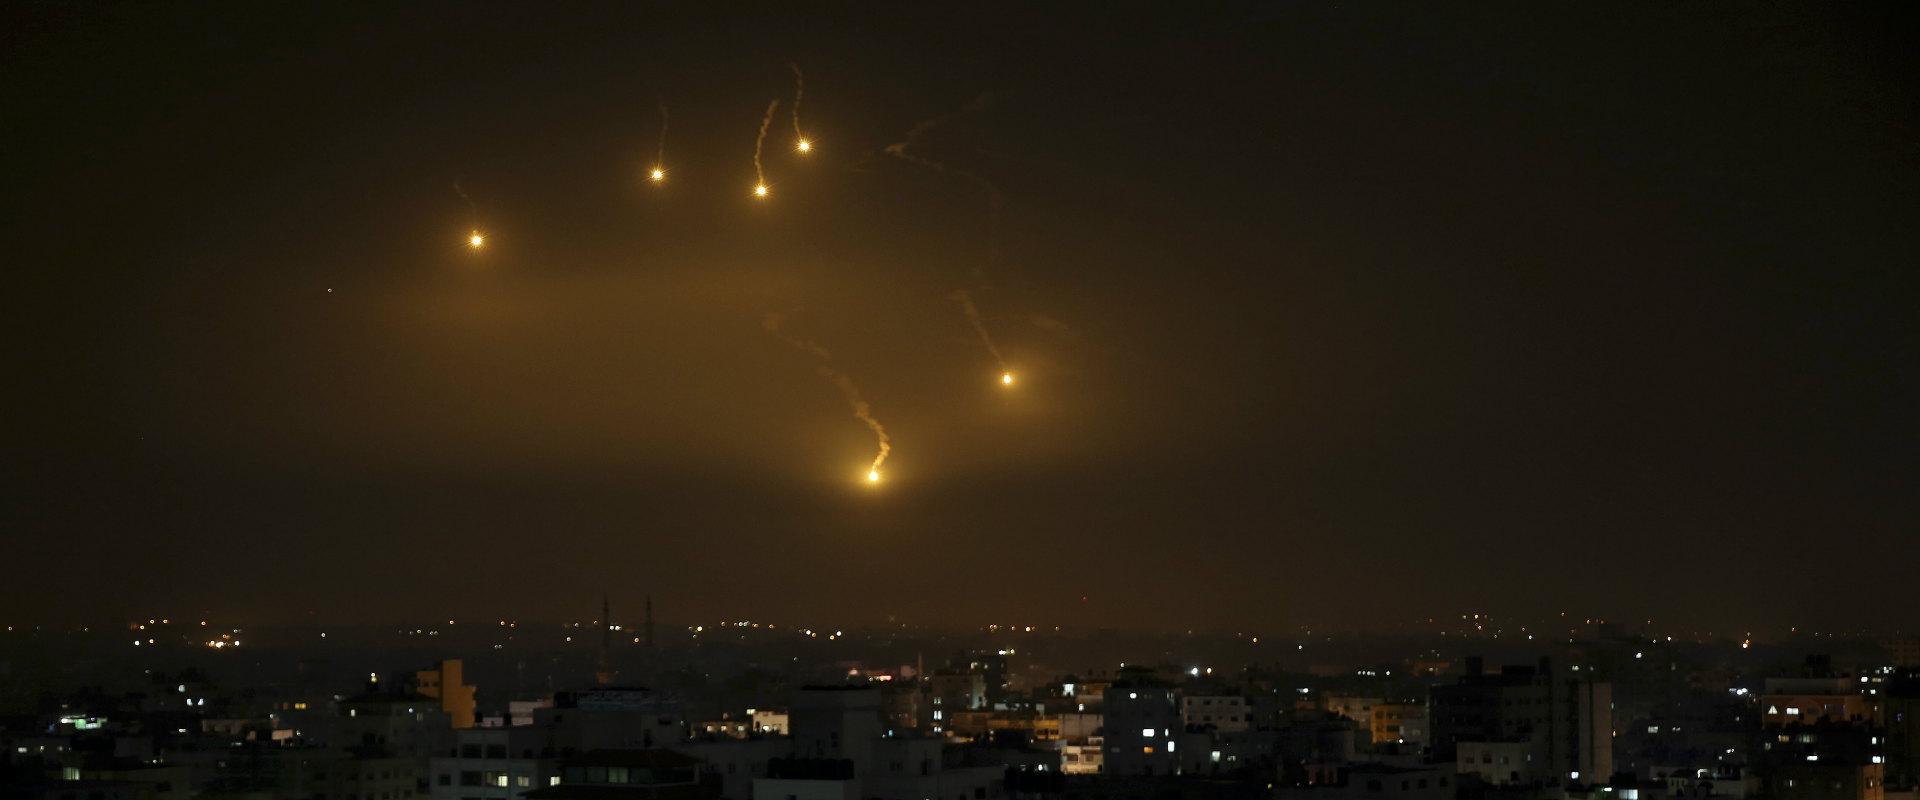 פצצות תאורה מעל עזה, בתחילת השנה